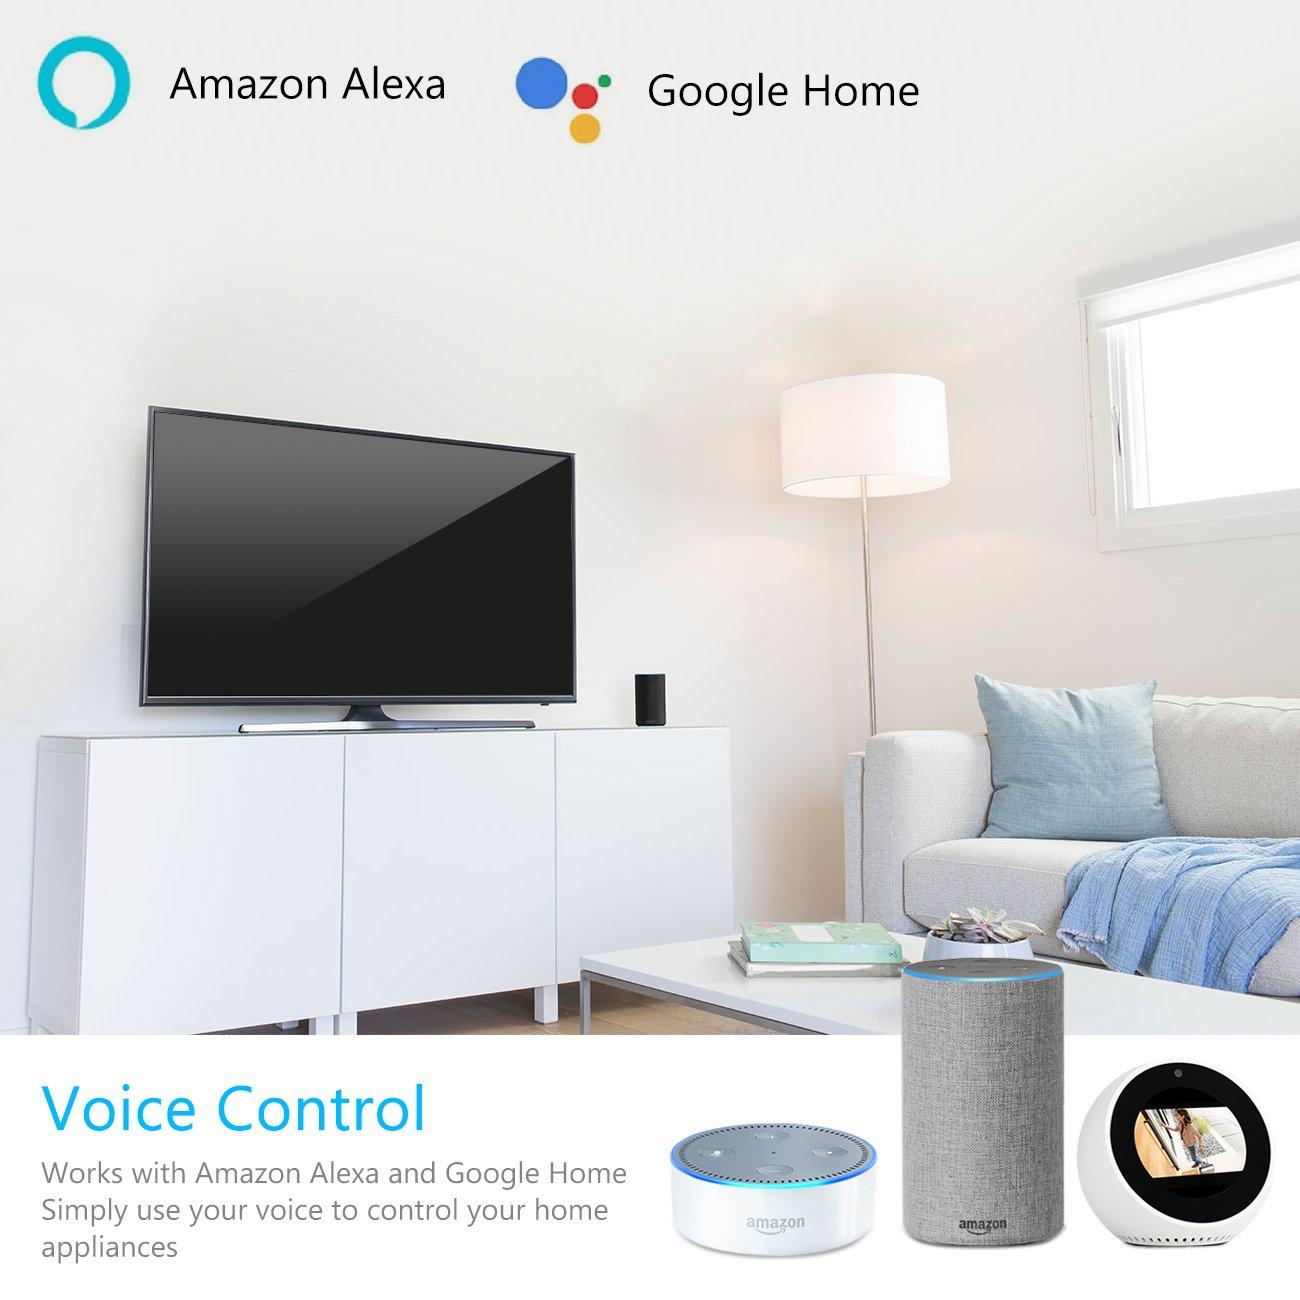 Google Home IFTTT Prise Interrupteur programmable T/él/écommande App 2000W 10A Prise Intelligente WiFi USB Port Compatible Contr/ôle Vocale Timer avec  Alexa Prise Connect/ée Echo et Echo Dot